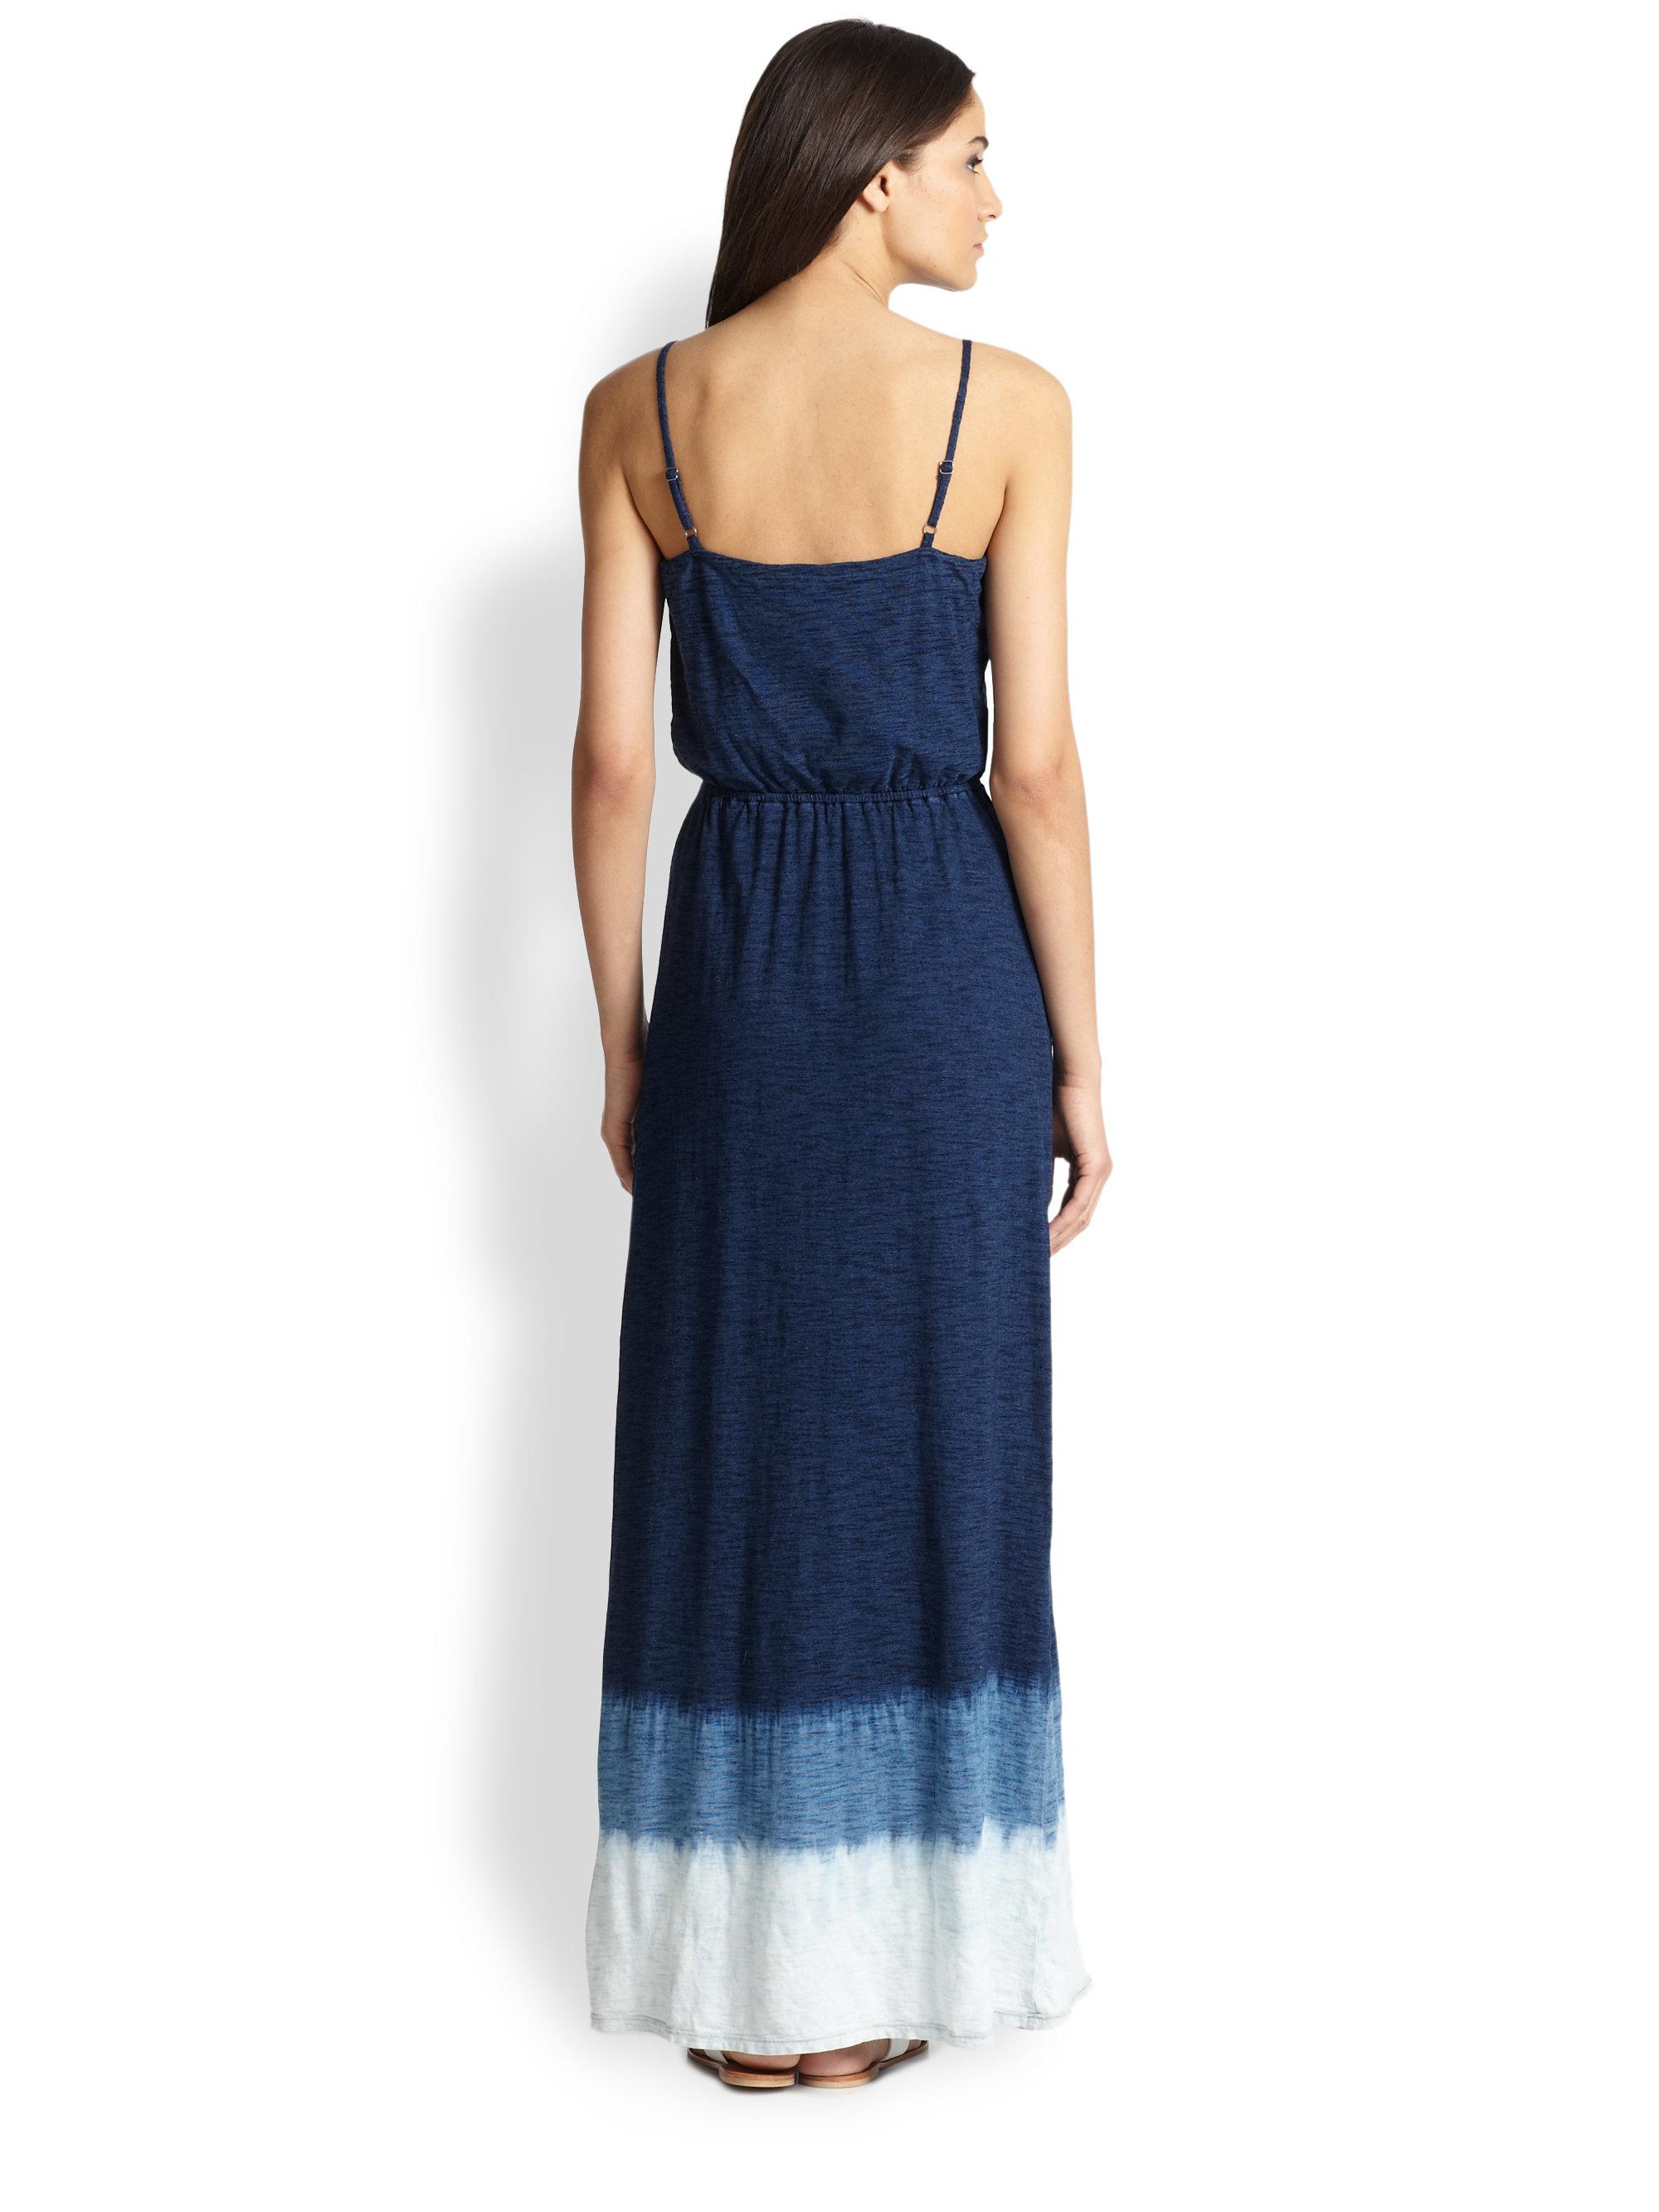 Lyst Splendid Tiedye Cotton Jersey Maxi Dress In Blue